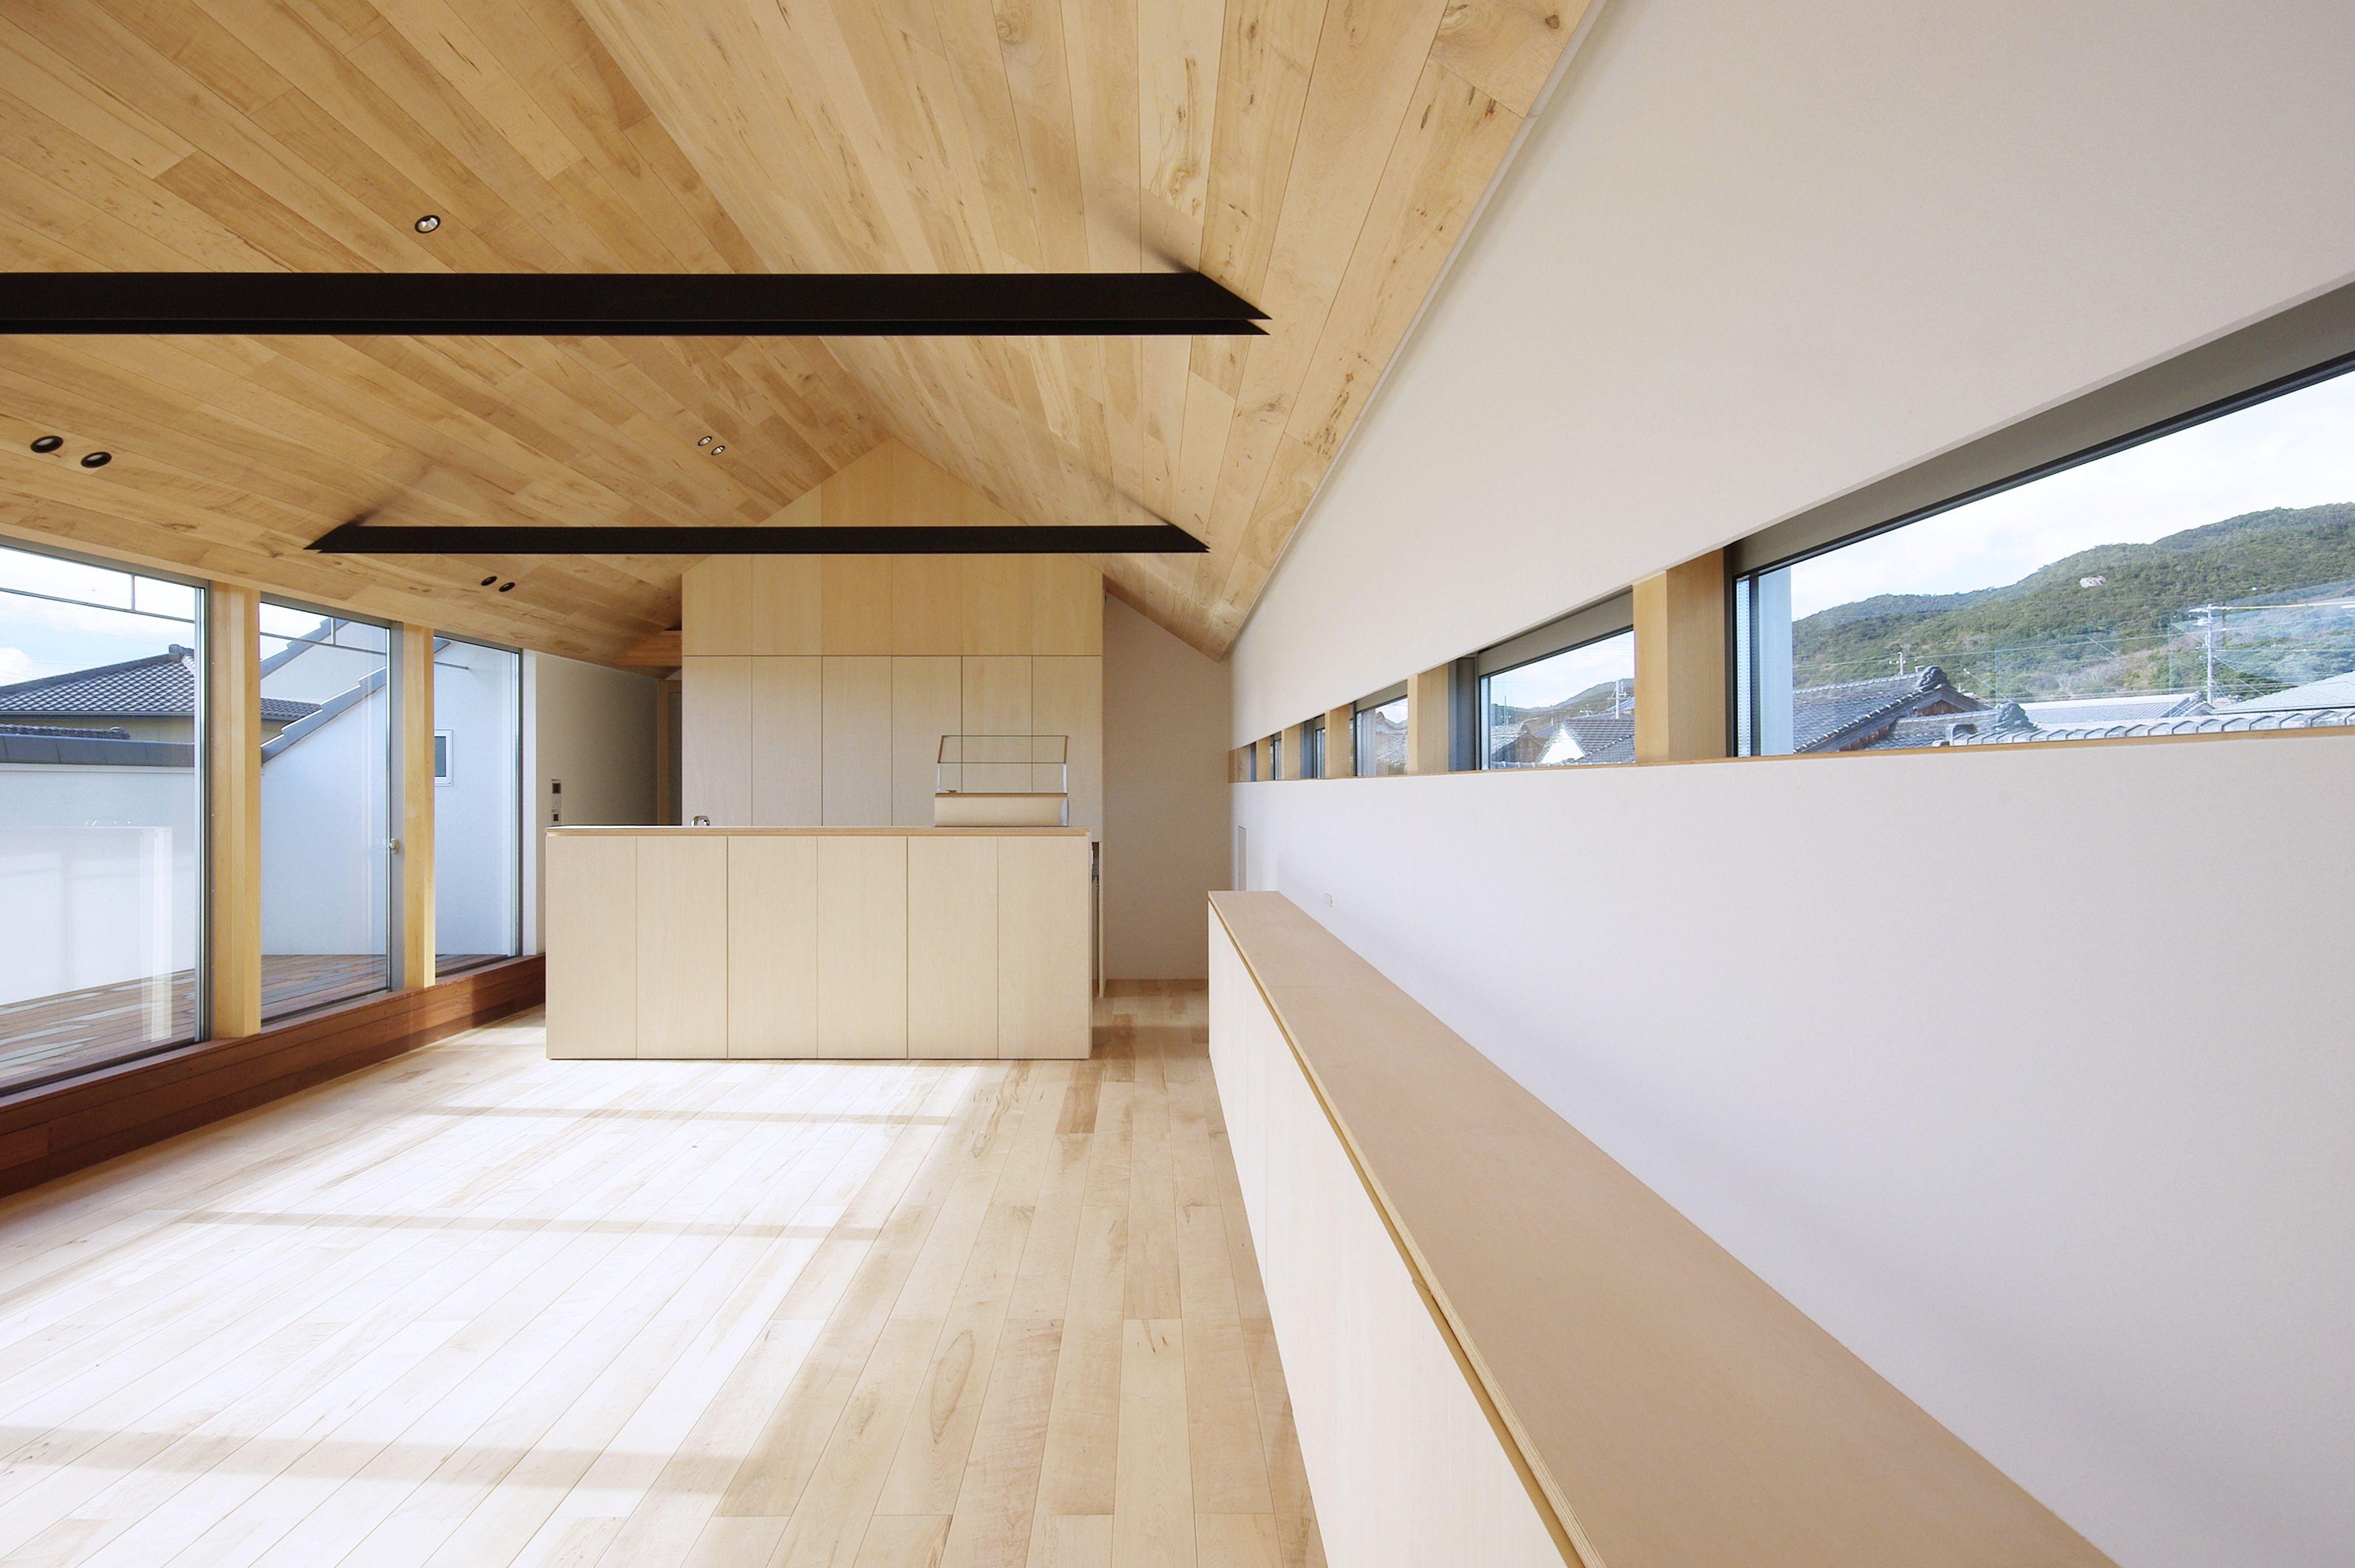 和地の家 2017年竣工 子世帯のldk 屋根勾配を利用した天井は 床と